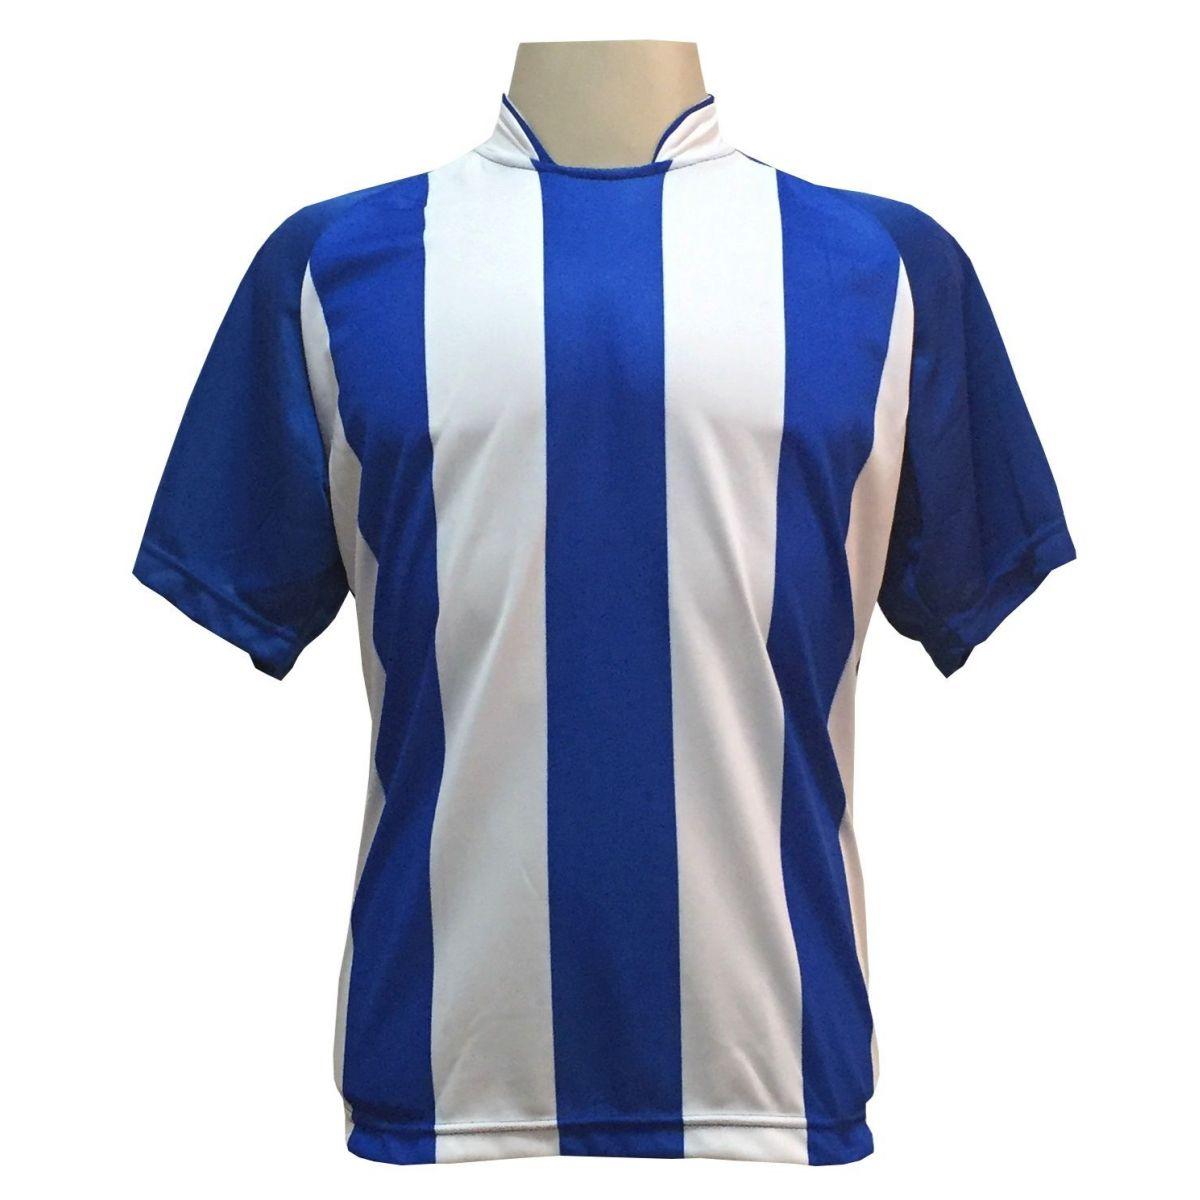 a0070c960fc6 ... Uniforme Esportivo com 12 Camisas modelo Milan Royal/Branco + 12 Calções  modelo Madrid Royal ...